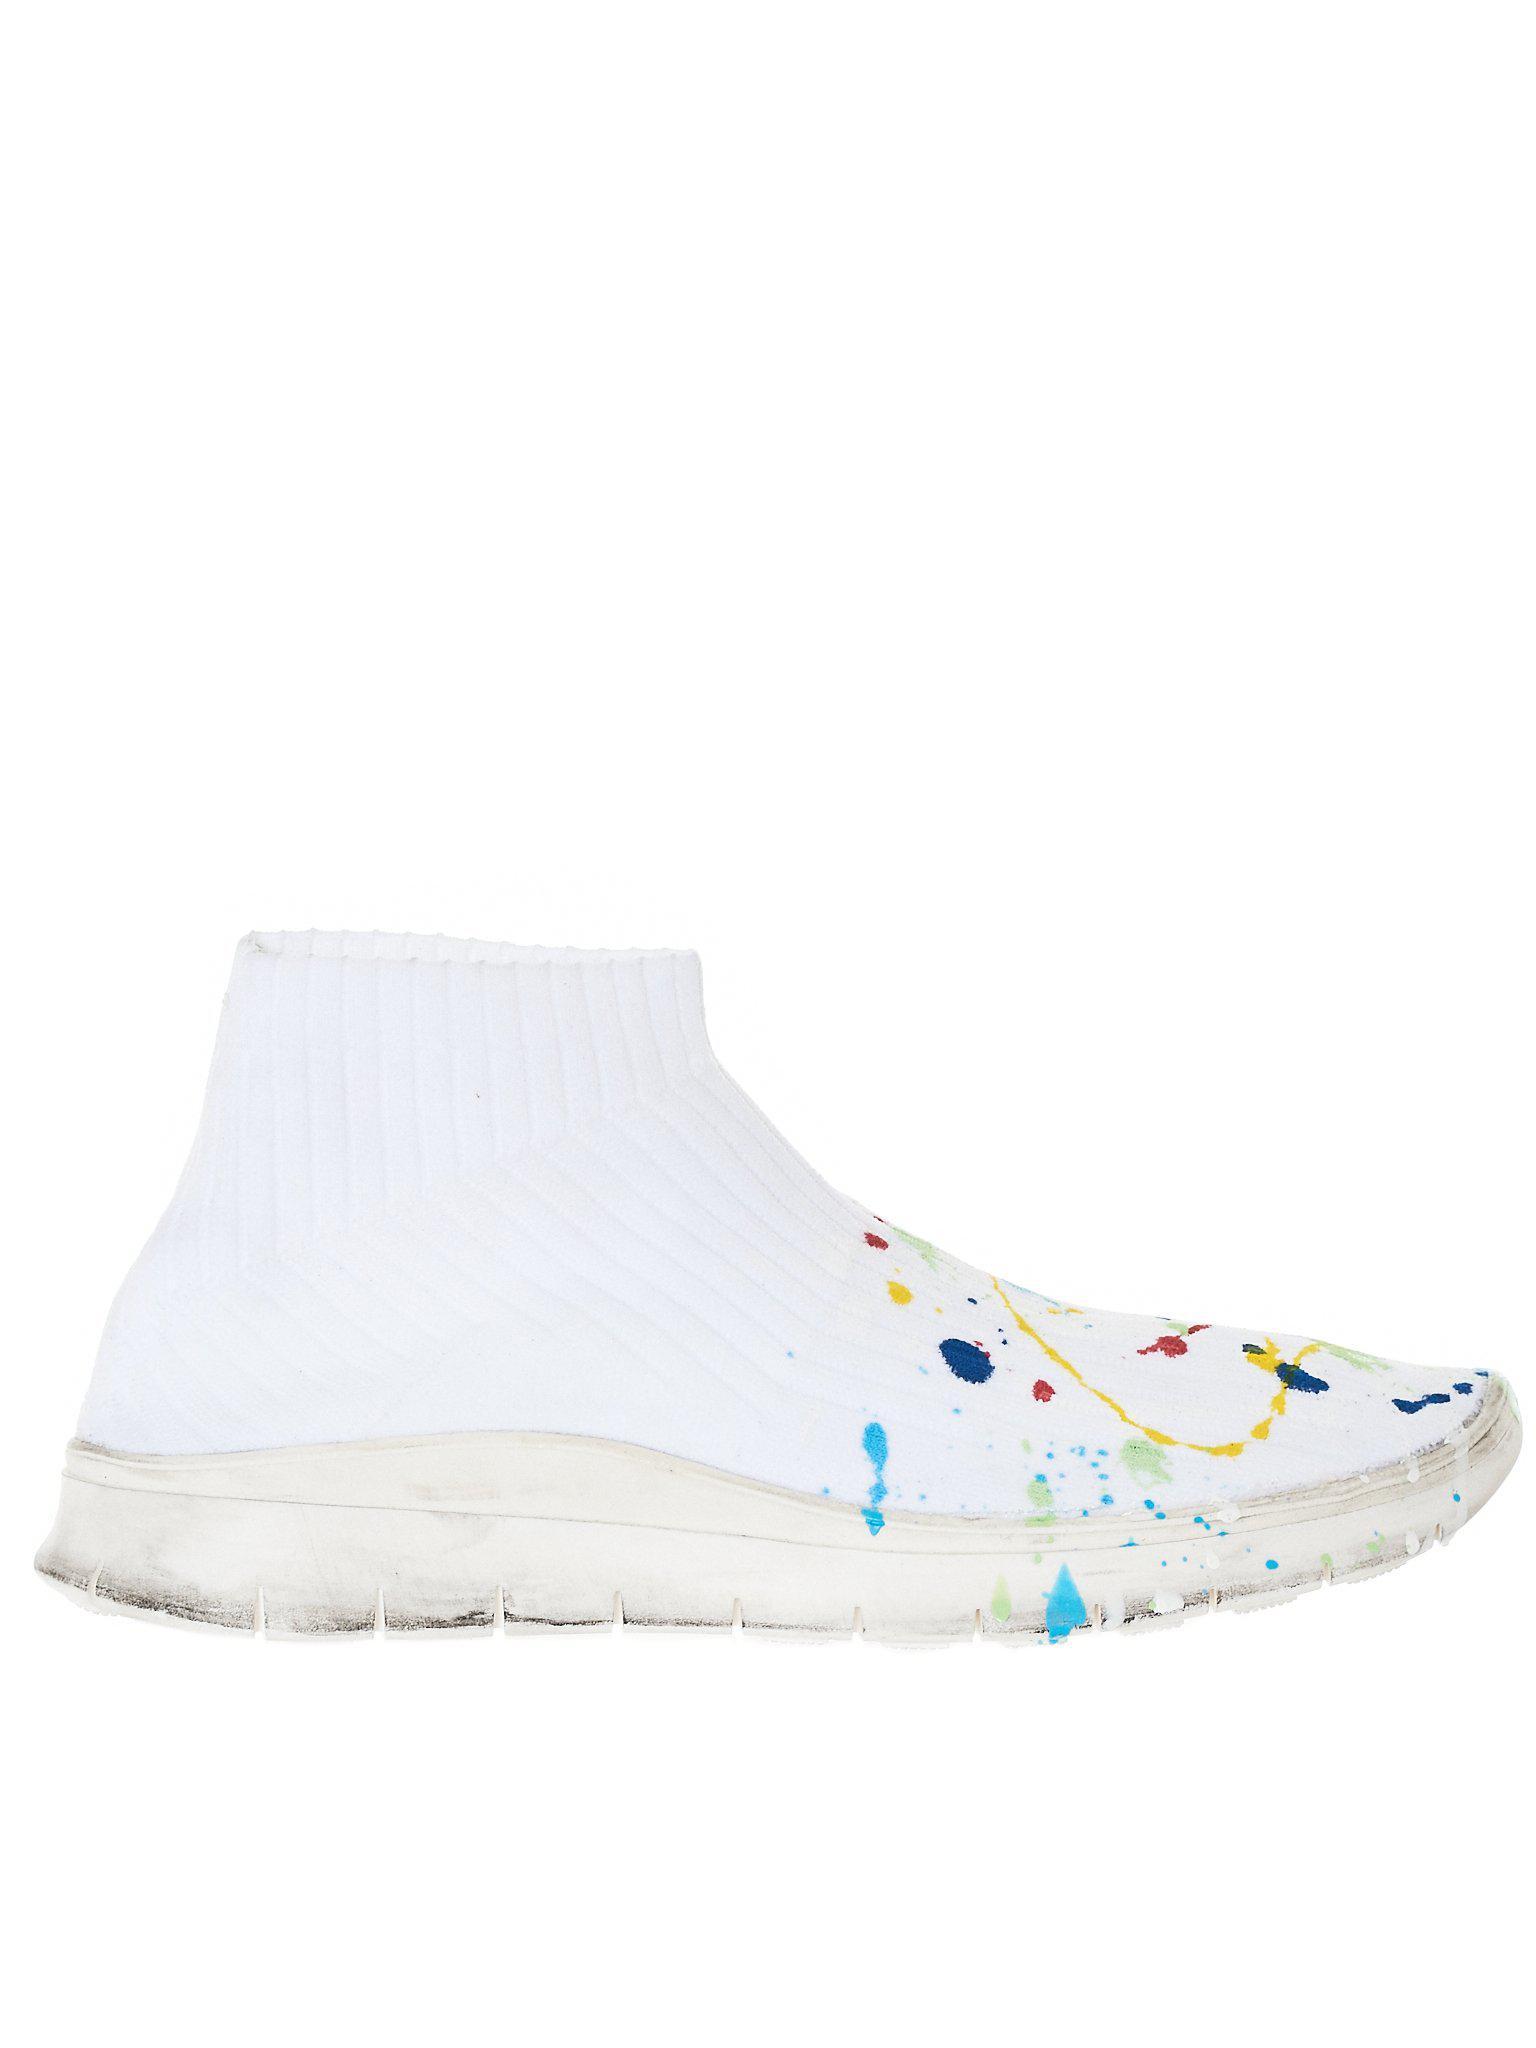 f25be8e10e6a Lyst - Maison Margiela Paint Splatter Sneaker in White for Men